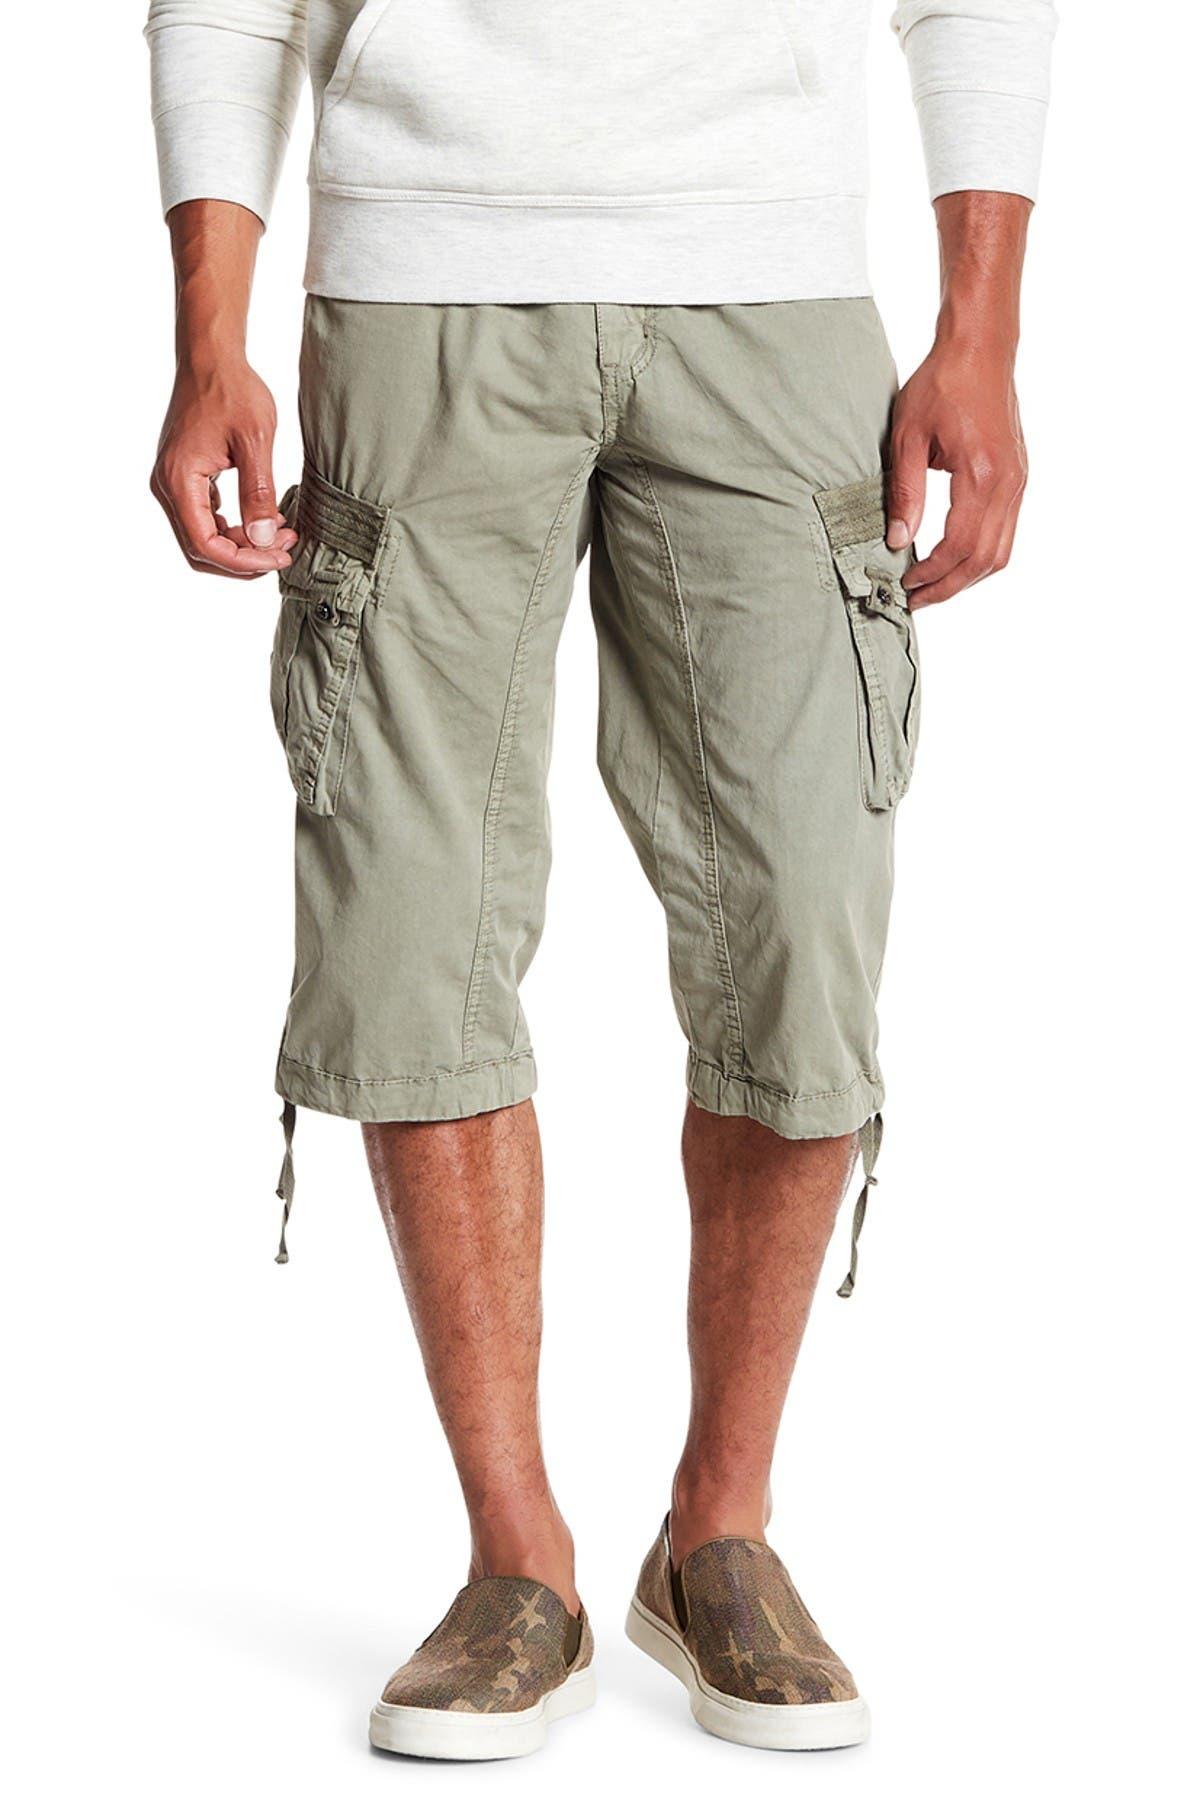 Image of XRAY Belted Cargo Shorts